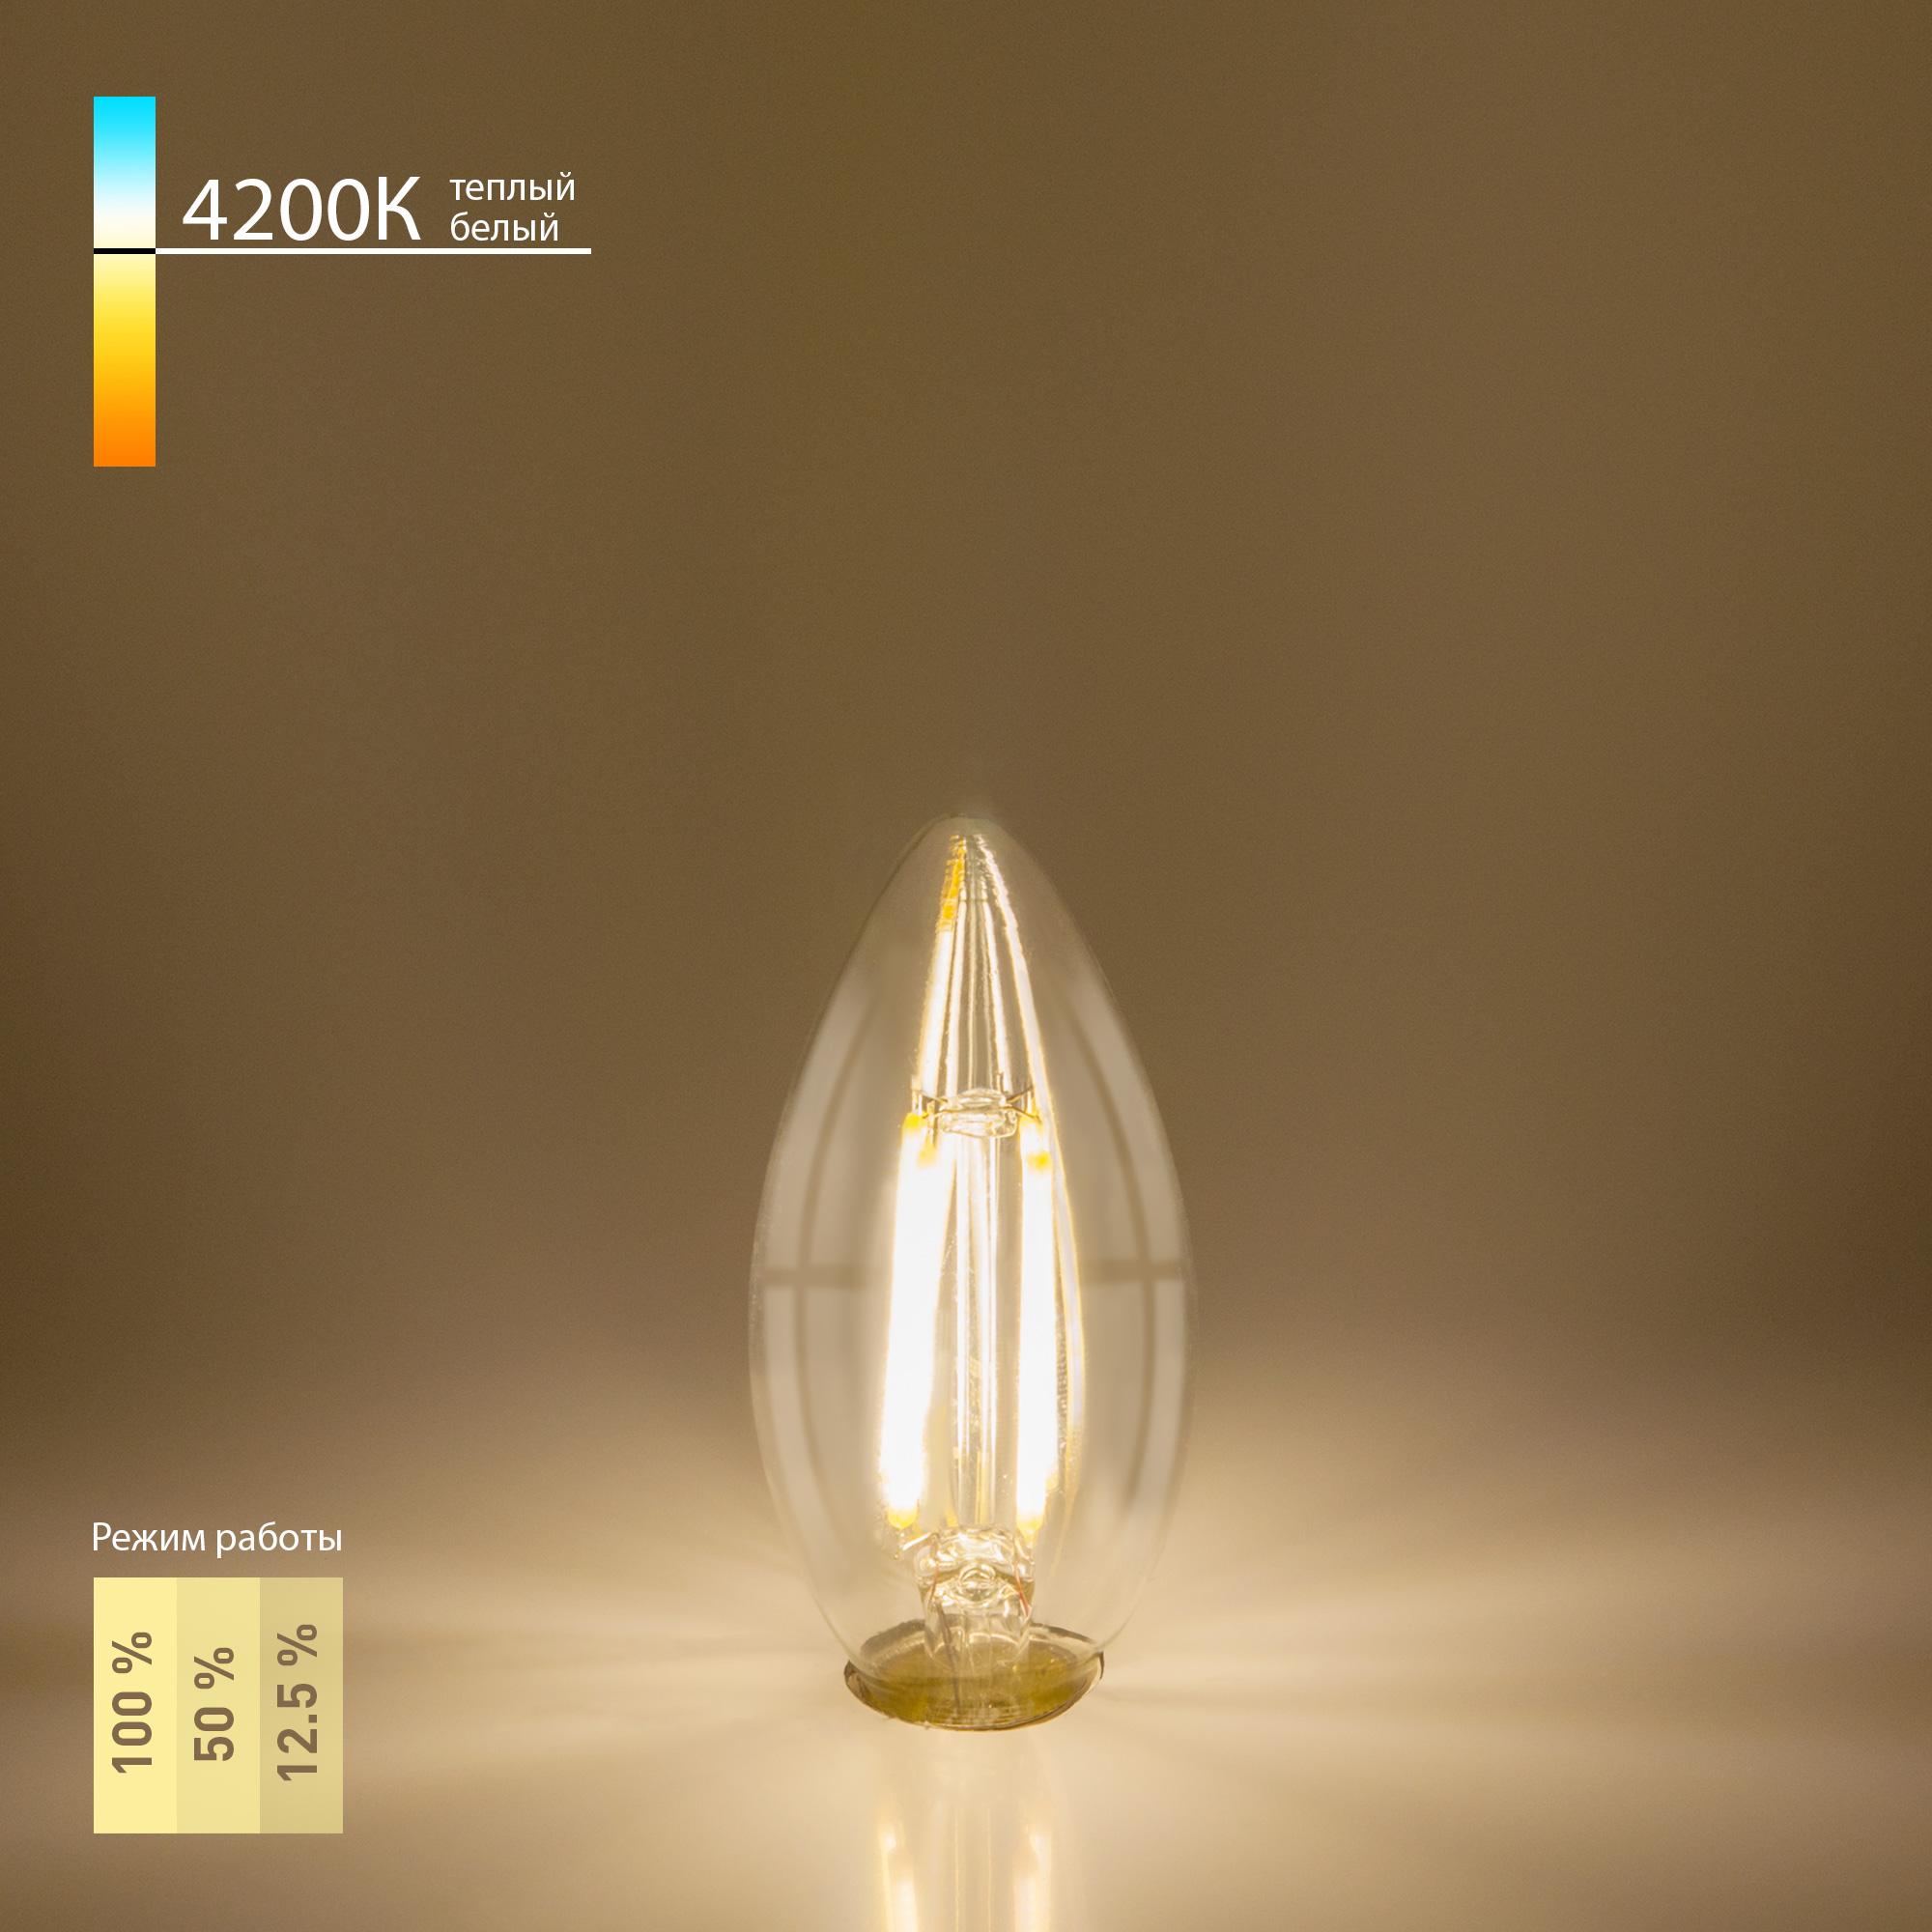 Филаментная светодиодная лампа Dimmable 5W 4200K E14 BLE1401